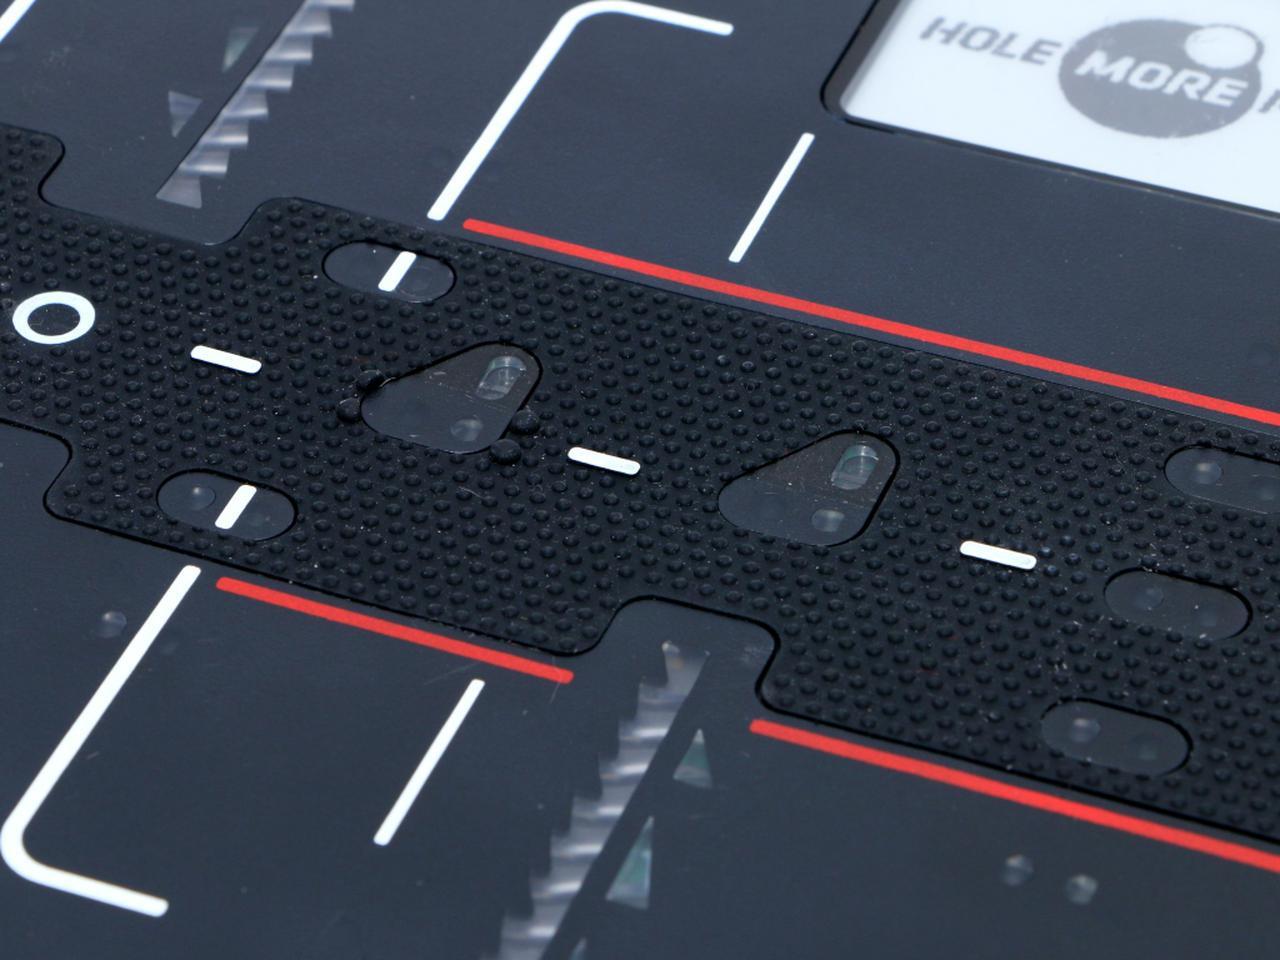 画像: 埋め込まれたセンサーがパターヘッドの動きを正確に計測